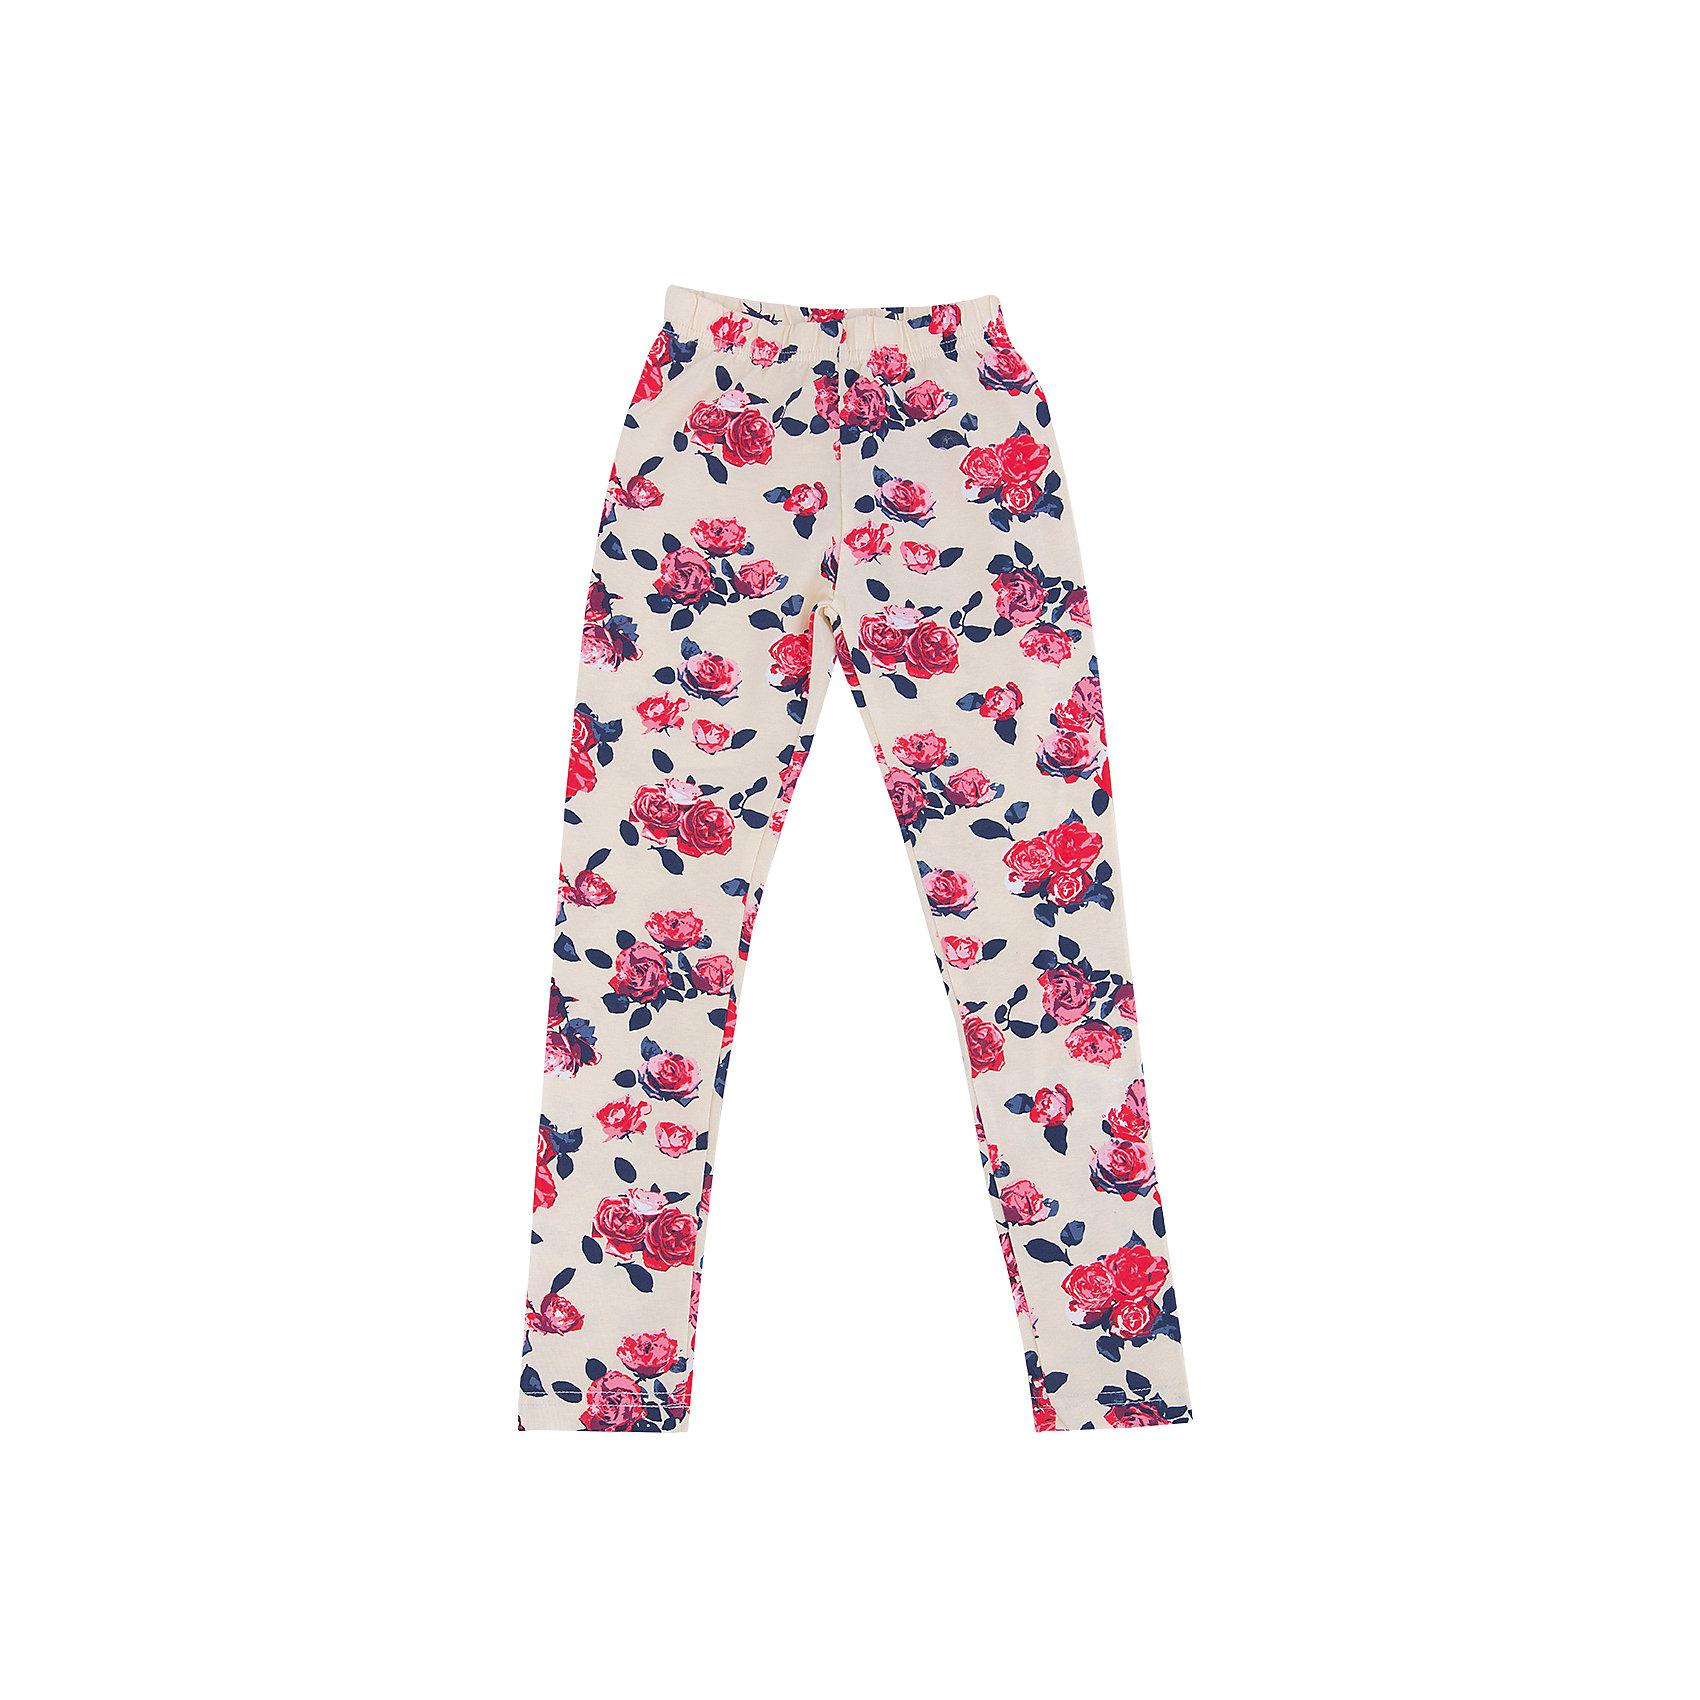 Леггинсы для девочки Sweet BerryЛеггинсы<br>Леггинсы – удобная одежда для дома или занятий спортом. Приятный материал обеспечивает комфорт на протяжении всего времени ношения вещи. Модный принт в цветок– отличительная особенность модели. Пояс выполнен из внутренней резинки. Леггинсы не имеют твердых вставок, поэтому подходят в качестве варианта одежды для сна. Нежный цвет подойдет ко многим детским вещам. Материалы, использованные при изготовлении одежды, полностью безопасны для детей и отвечают всем требованиям по качеству продукции данной категории.<br><br>Дополнительная информация: <br><br>пояс на резинке;<br>модный принт;<br>прямой крой;<br>цвет: бежевый;<br>материал: хлопок 95%, эластан 5%.<br><br>Леггинсы для девочки от компании Sweet Berry можно приобрести в нашем магазине.<br><br>Ширина мм: 123<br>Глубина мм: 10<br>Высота мм: 149<br>Вес г: 209<br>Цвет: бежевый<br>Возраст от месяцев: 24<br>Возраст до месяцев: 36<br>Пол: Женский<br>Возраст: Детский<br>Размер: 98,104,110,116,122,128<br>SKU: 4931985